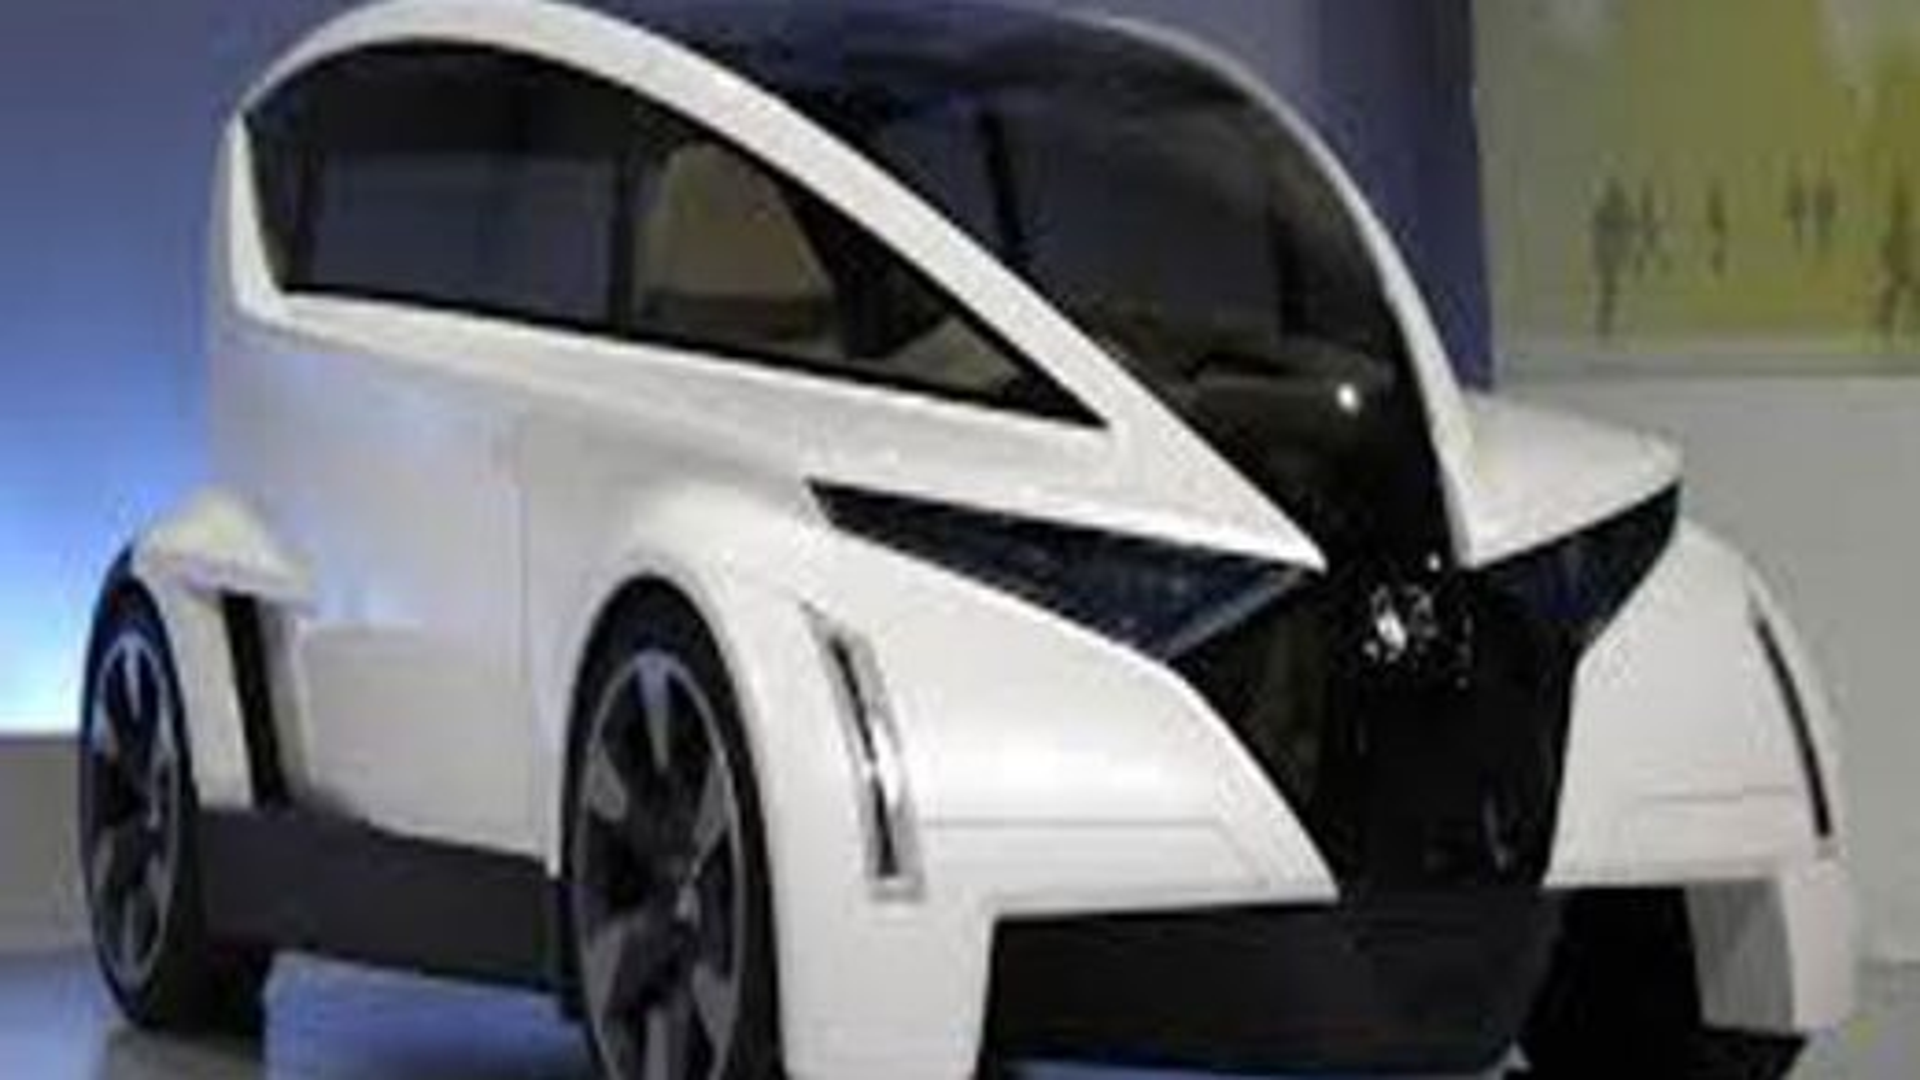 خودرو آینده | تگ